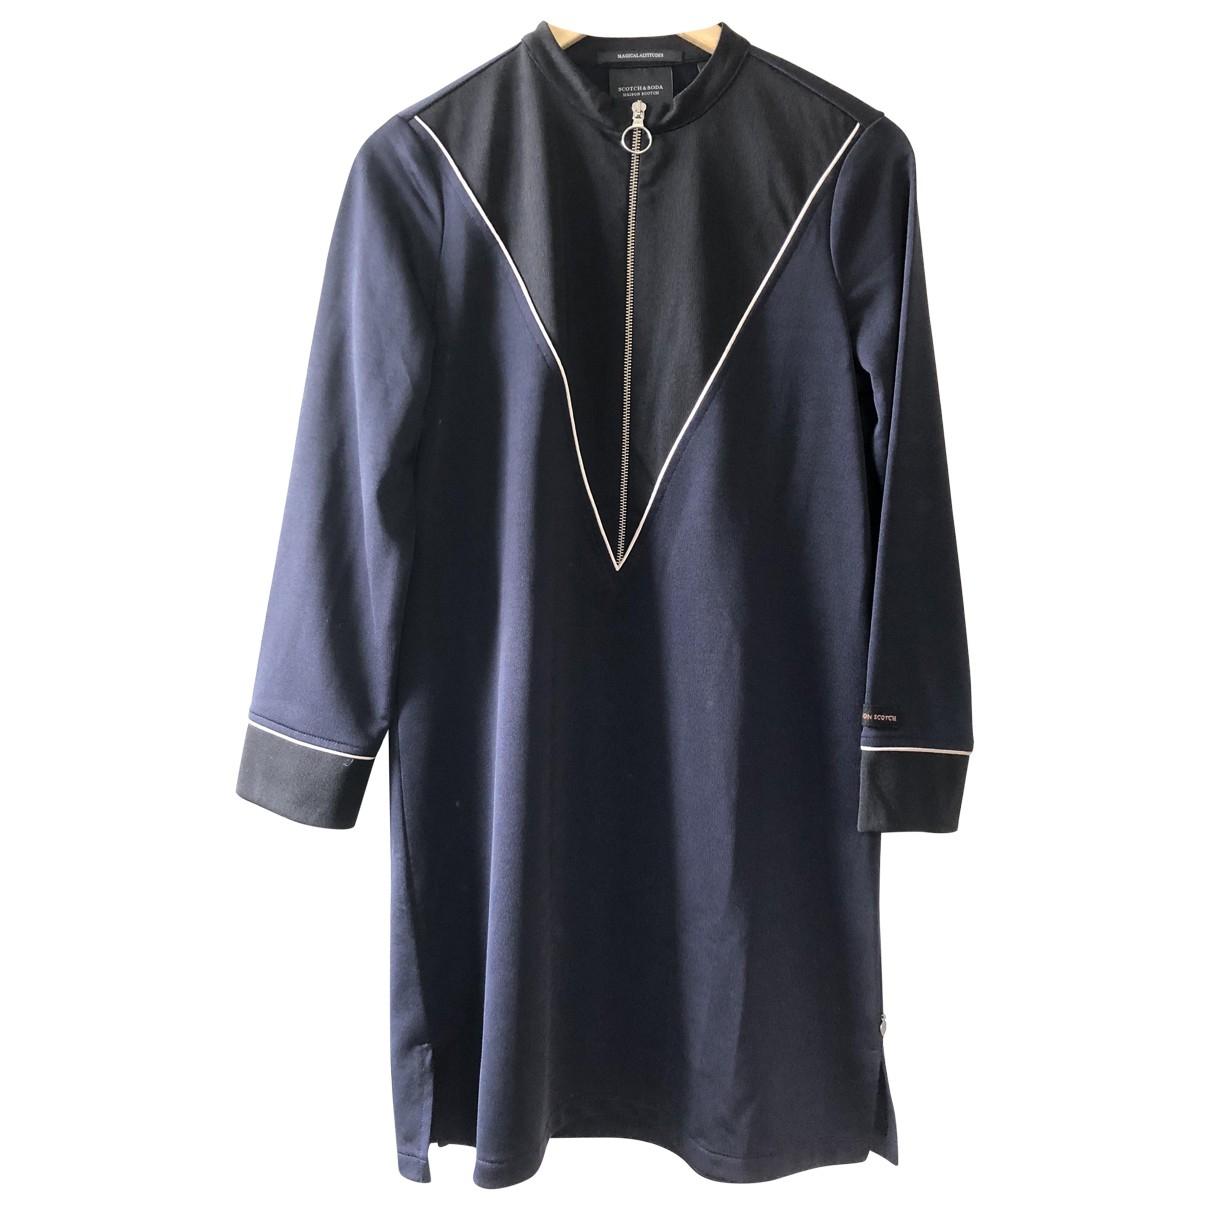 Scotch & Soda \N Kleid in  Blau Polyester